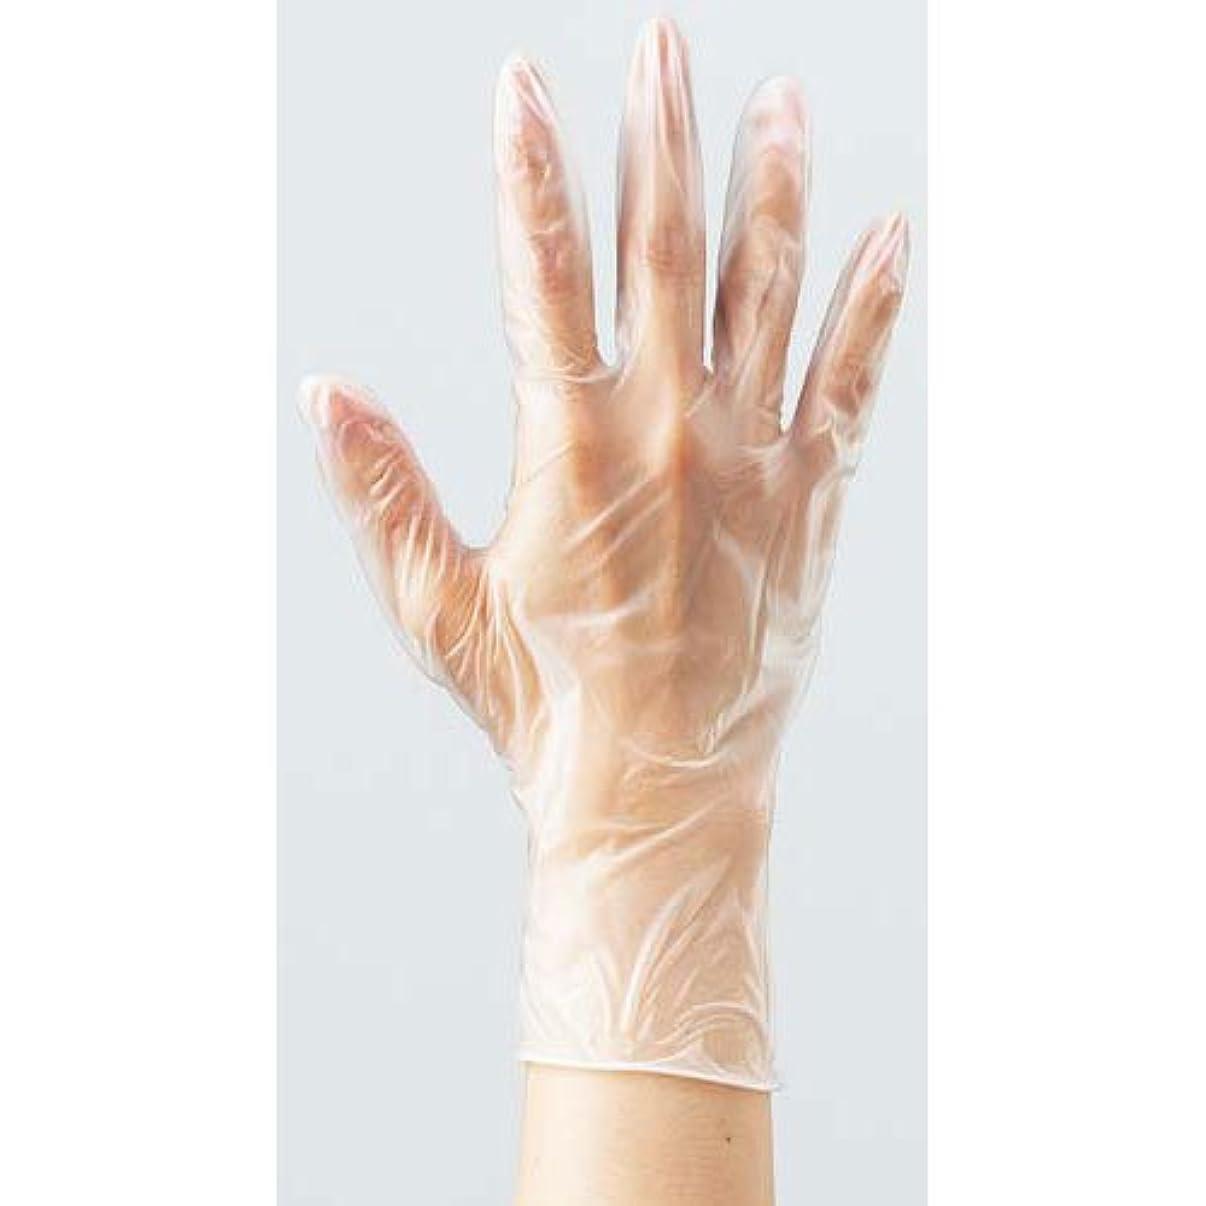 生通信する遮るカウネット プラスチック手袋 袋入 粉無M 100枚×10